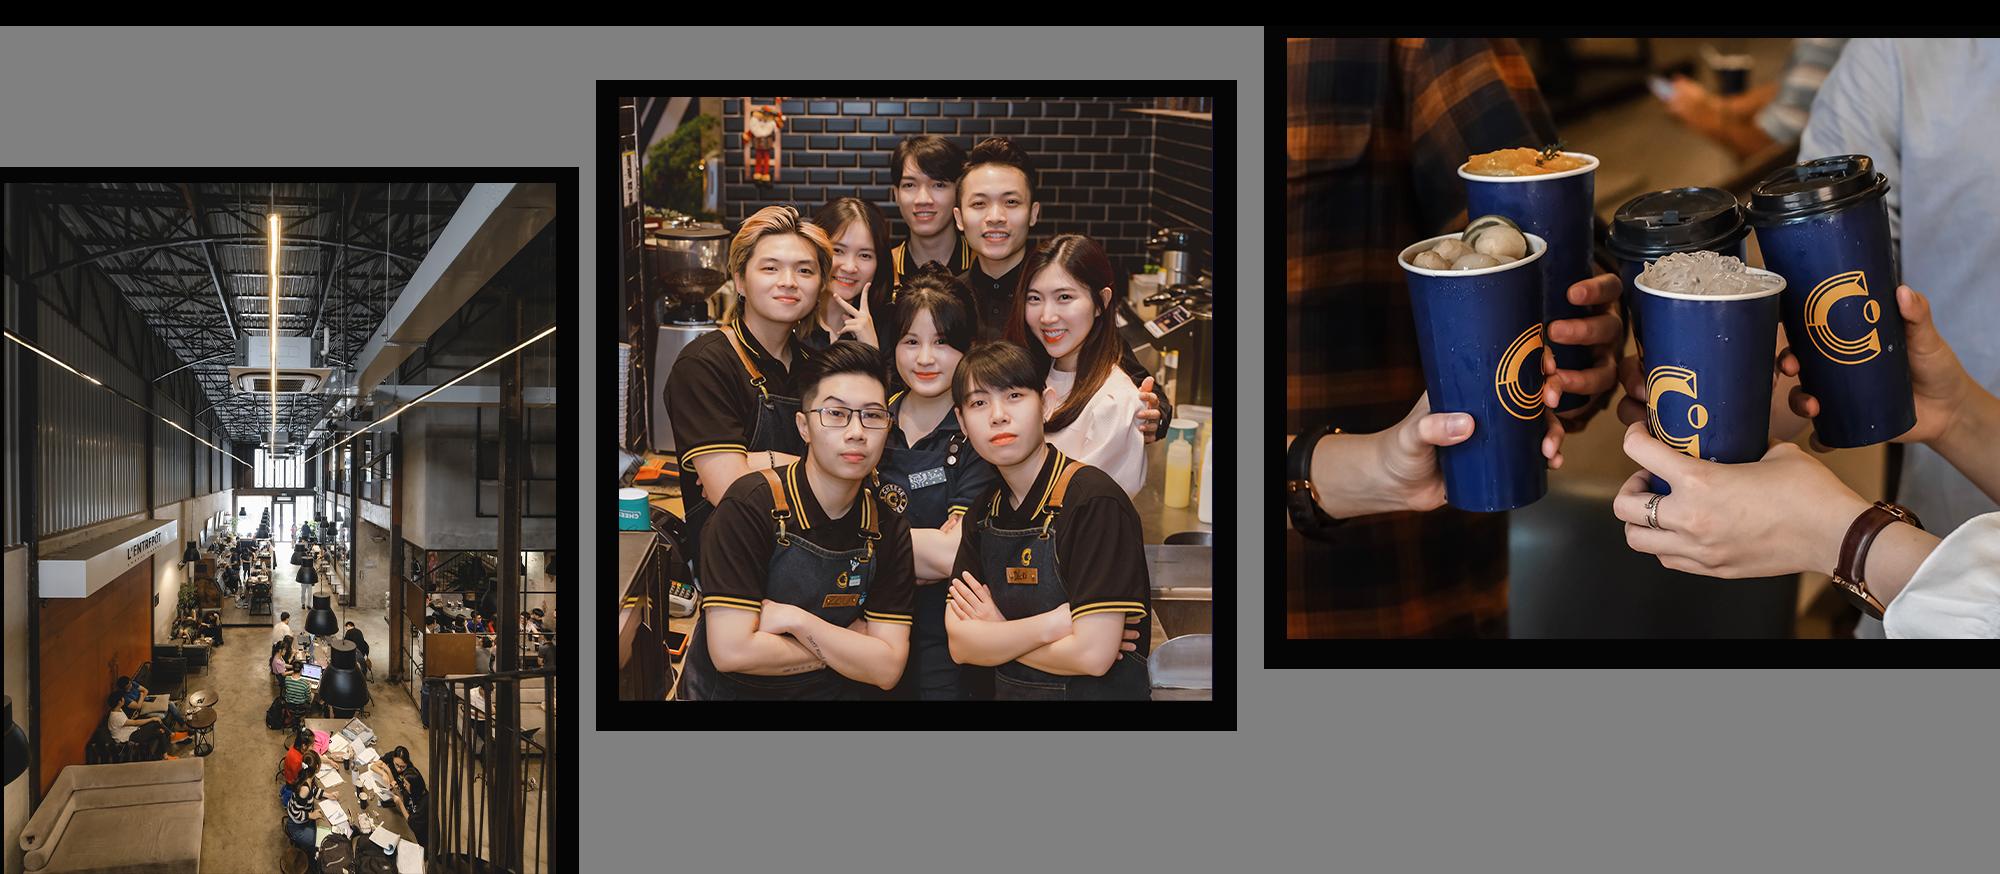 Chẳng ai ngờ một thương hiệu cafe trendy ở Sài Gòn lại đến từ 2 founder tay ngang - Ảnh 6.